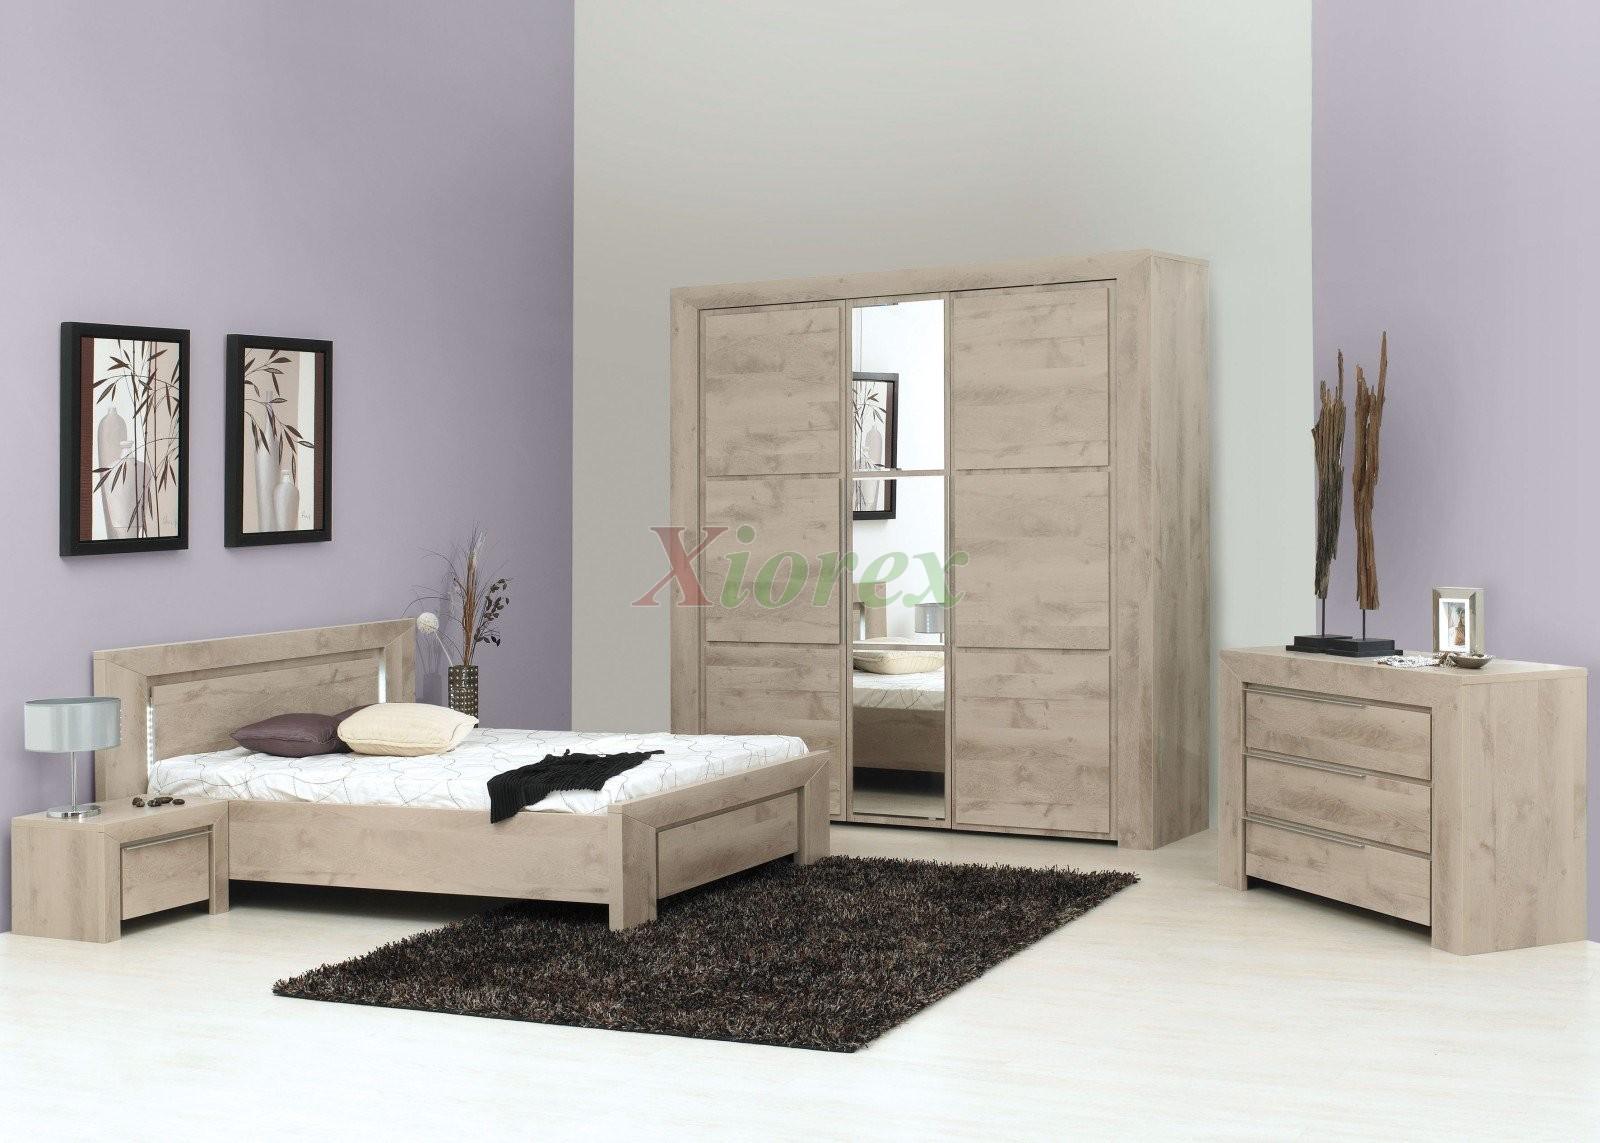 Oak Effect Bedroom Furniture Sets Gami Bed Set Gami Sarlat Bed Sarlat Gami Bed Set By Gautier Xiorex